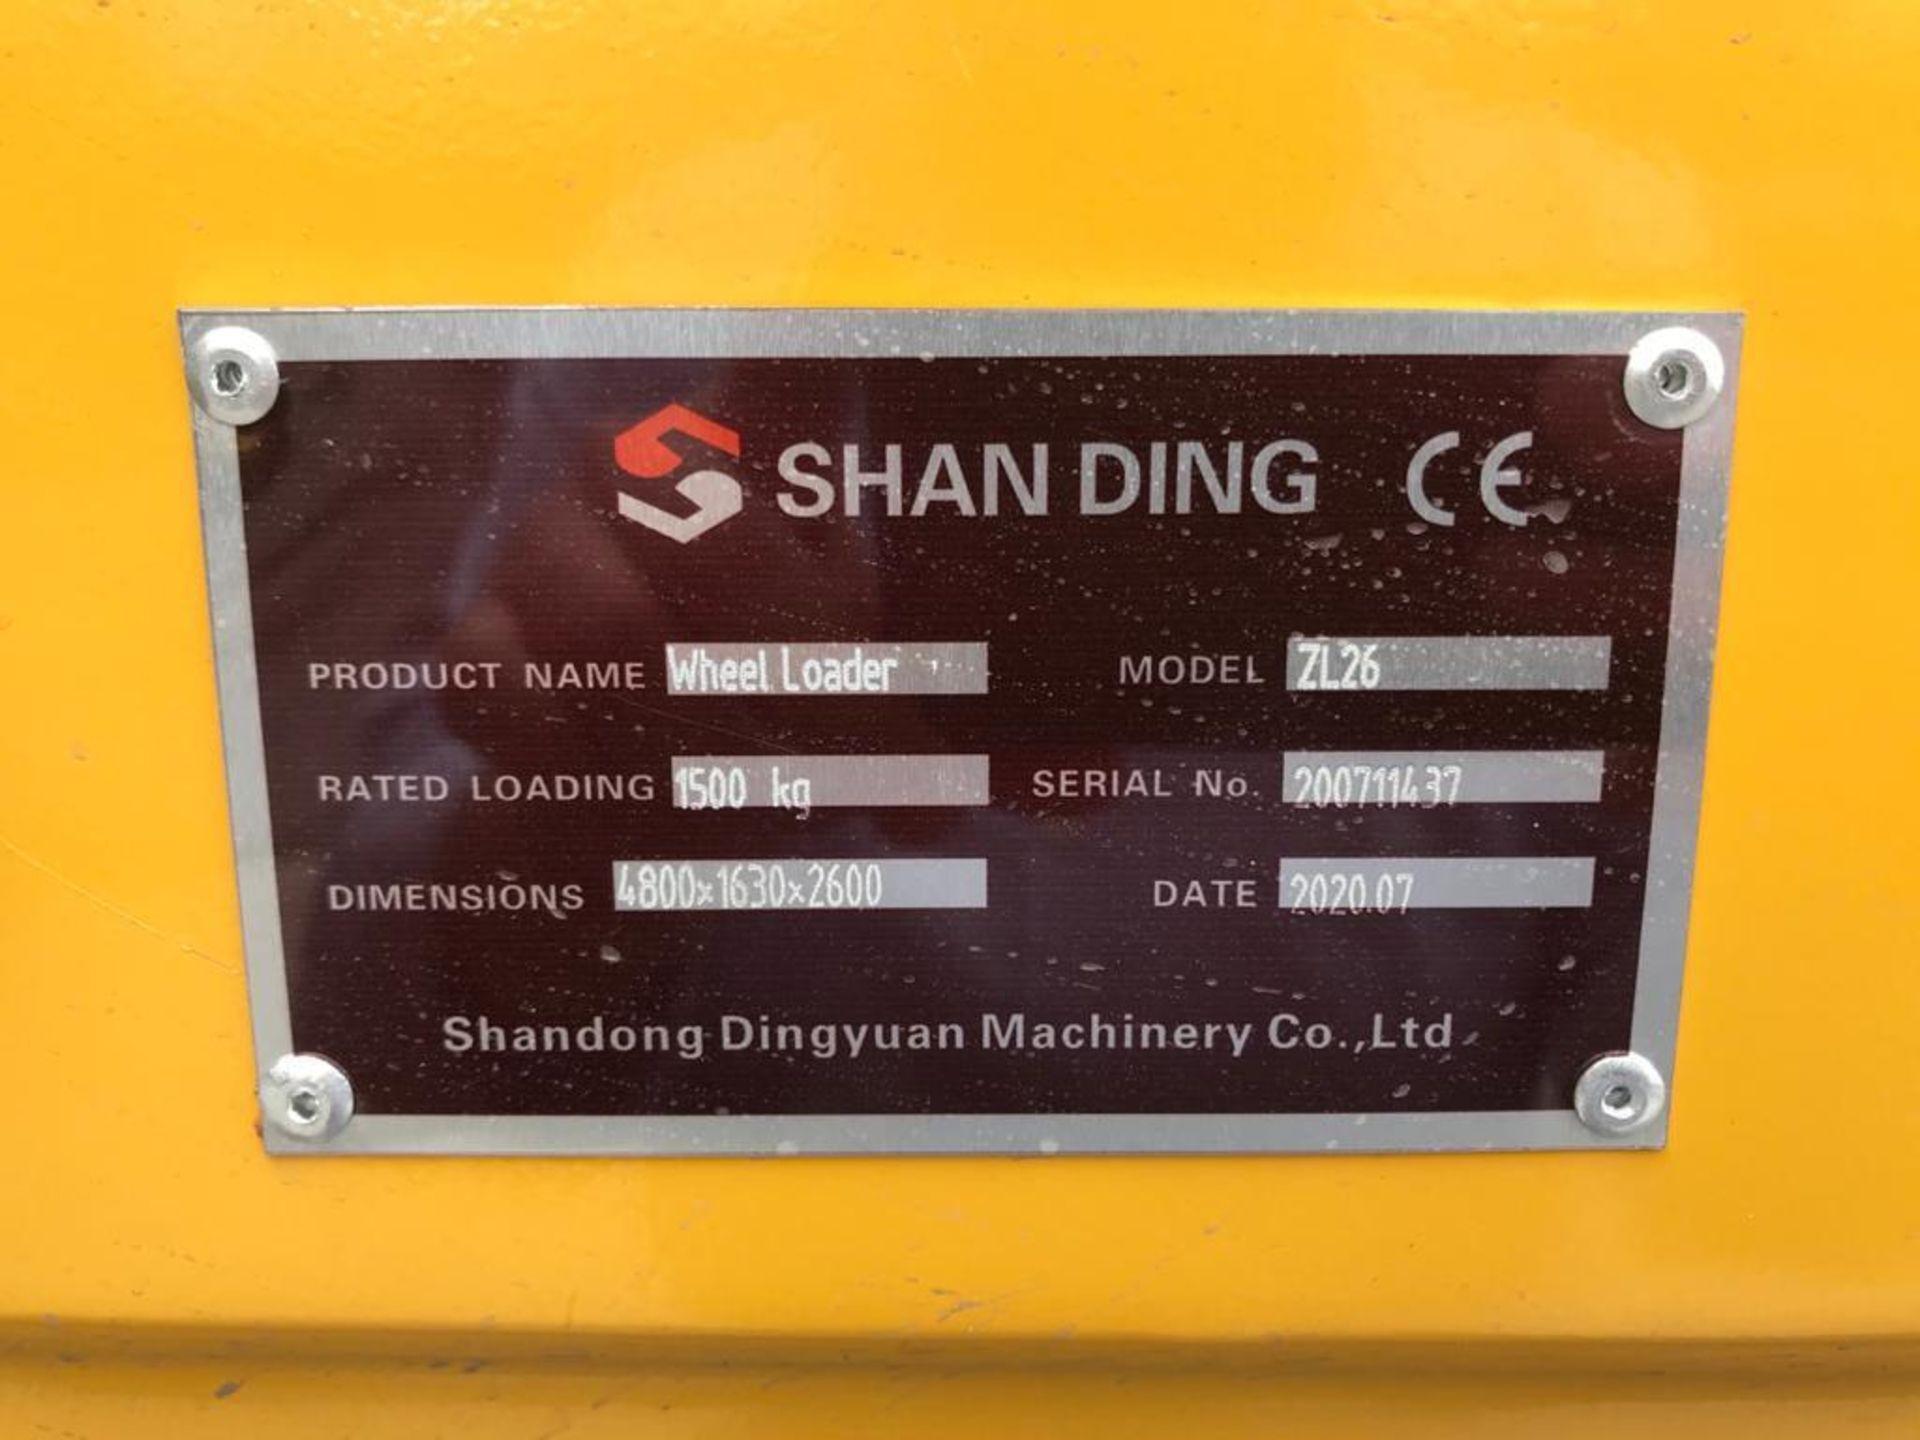 2020 Shang Ding (Wheel Loader) ZL26 Front Loader Serial number 200711437, Loading capacity 1,500 kg - Image 15 of 17